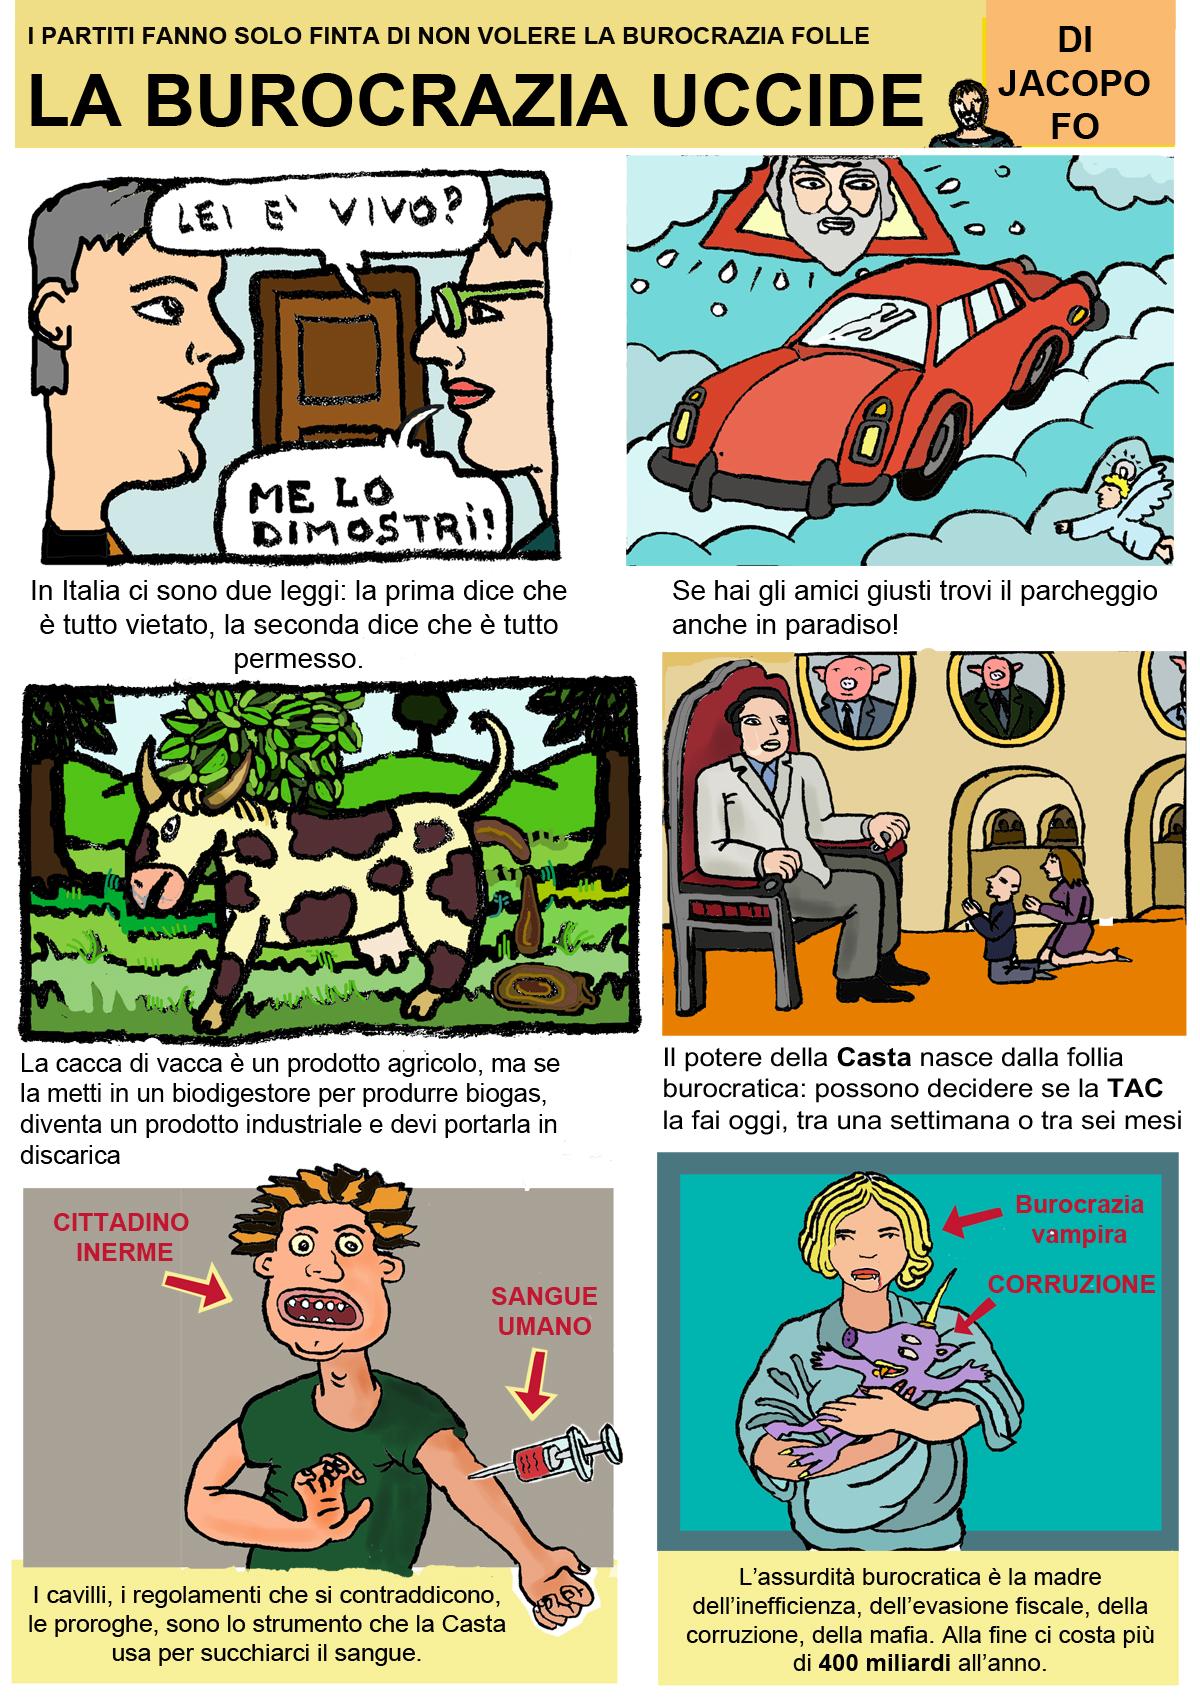 Fumetti Jacopo Fo: la burocrazia uccide